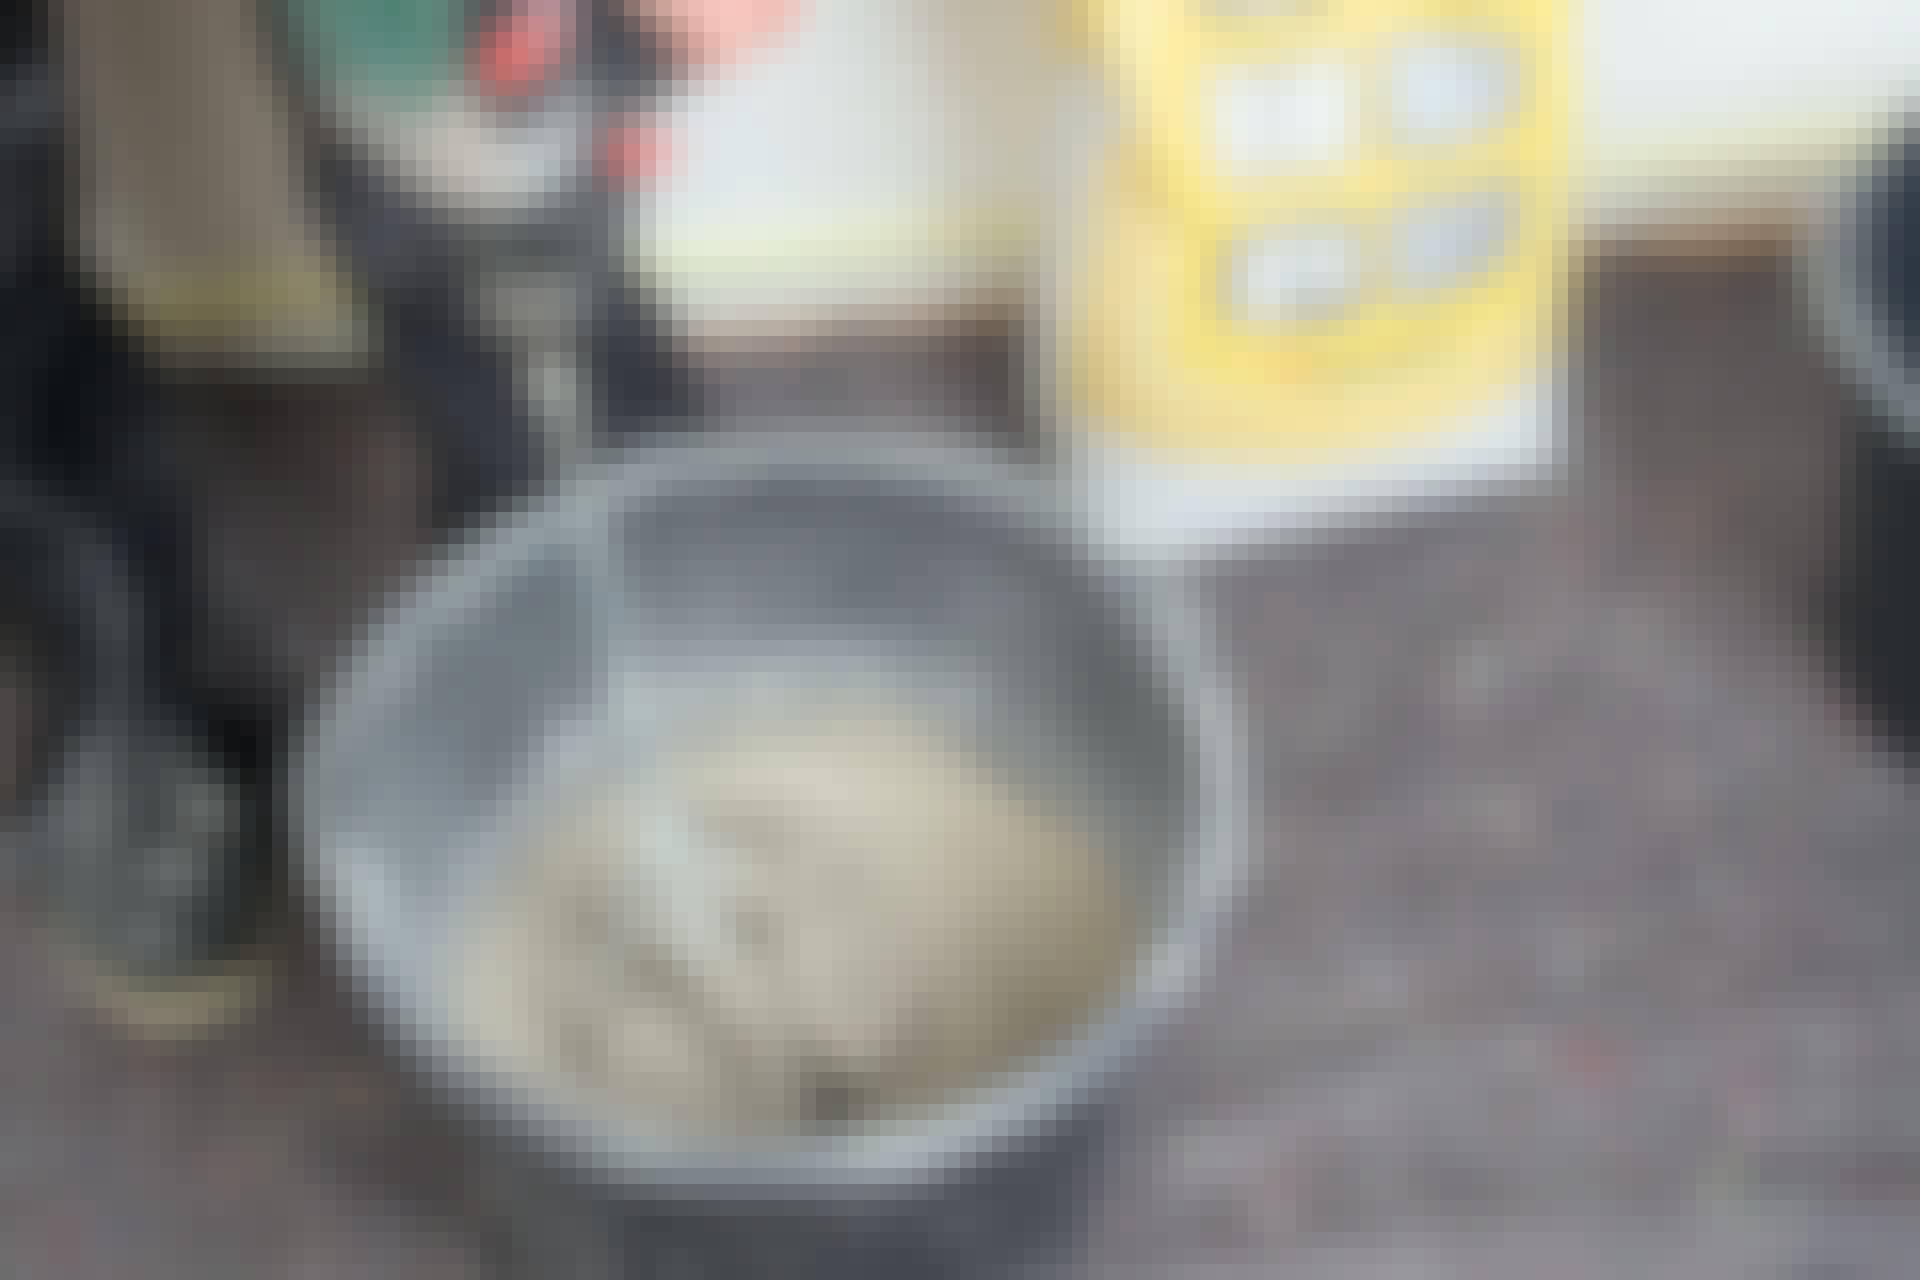 Du kan blanda de flesta material som du köper i påsar och säck med en mixer, alltså en omrörare och en borrmaskin.